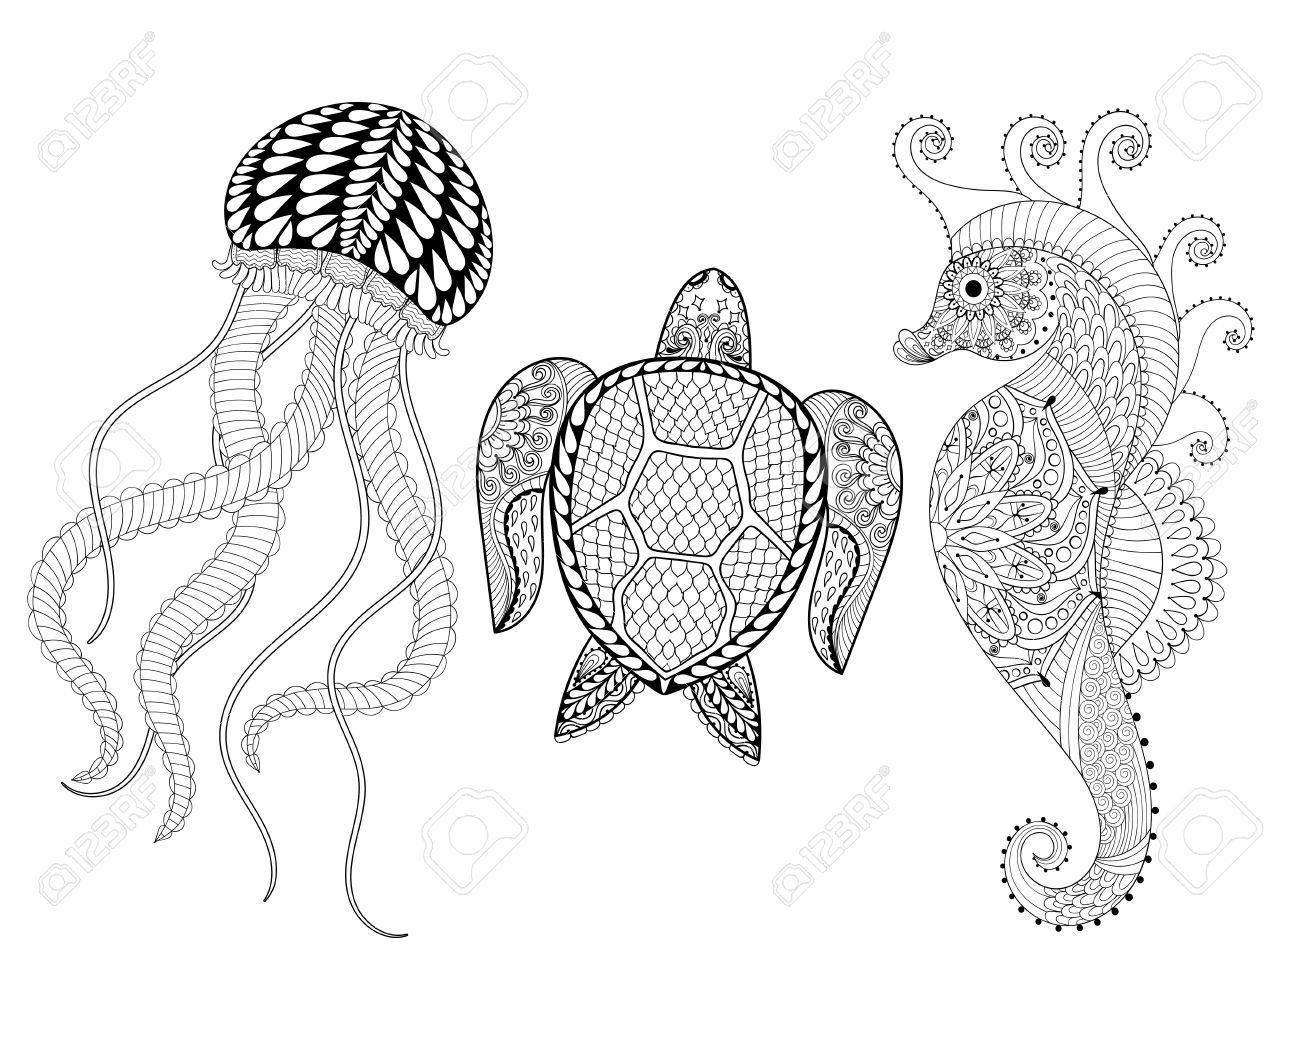 Dibujado A Mano Del Caballo De Mar, Medusas Y La Tortuga Por Páginas ...